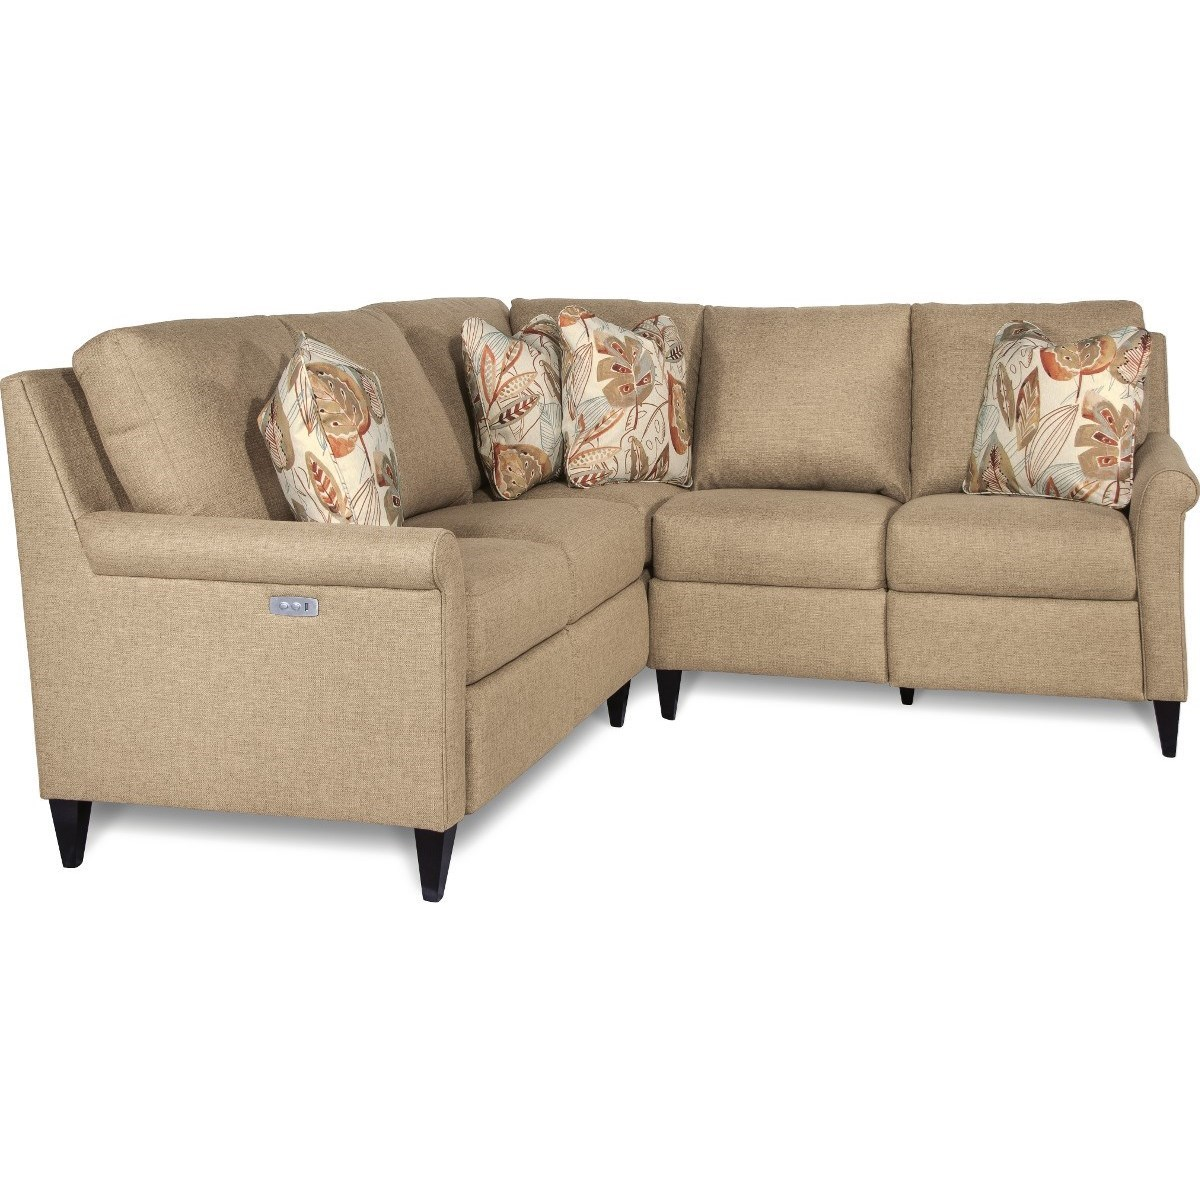 La Z Boy Abby Three Piece Power Reclining Sectional Sofa